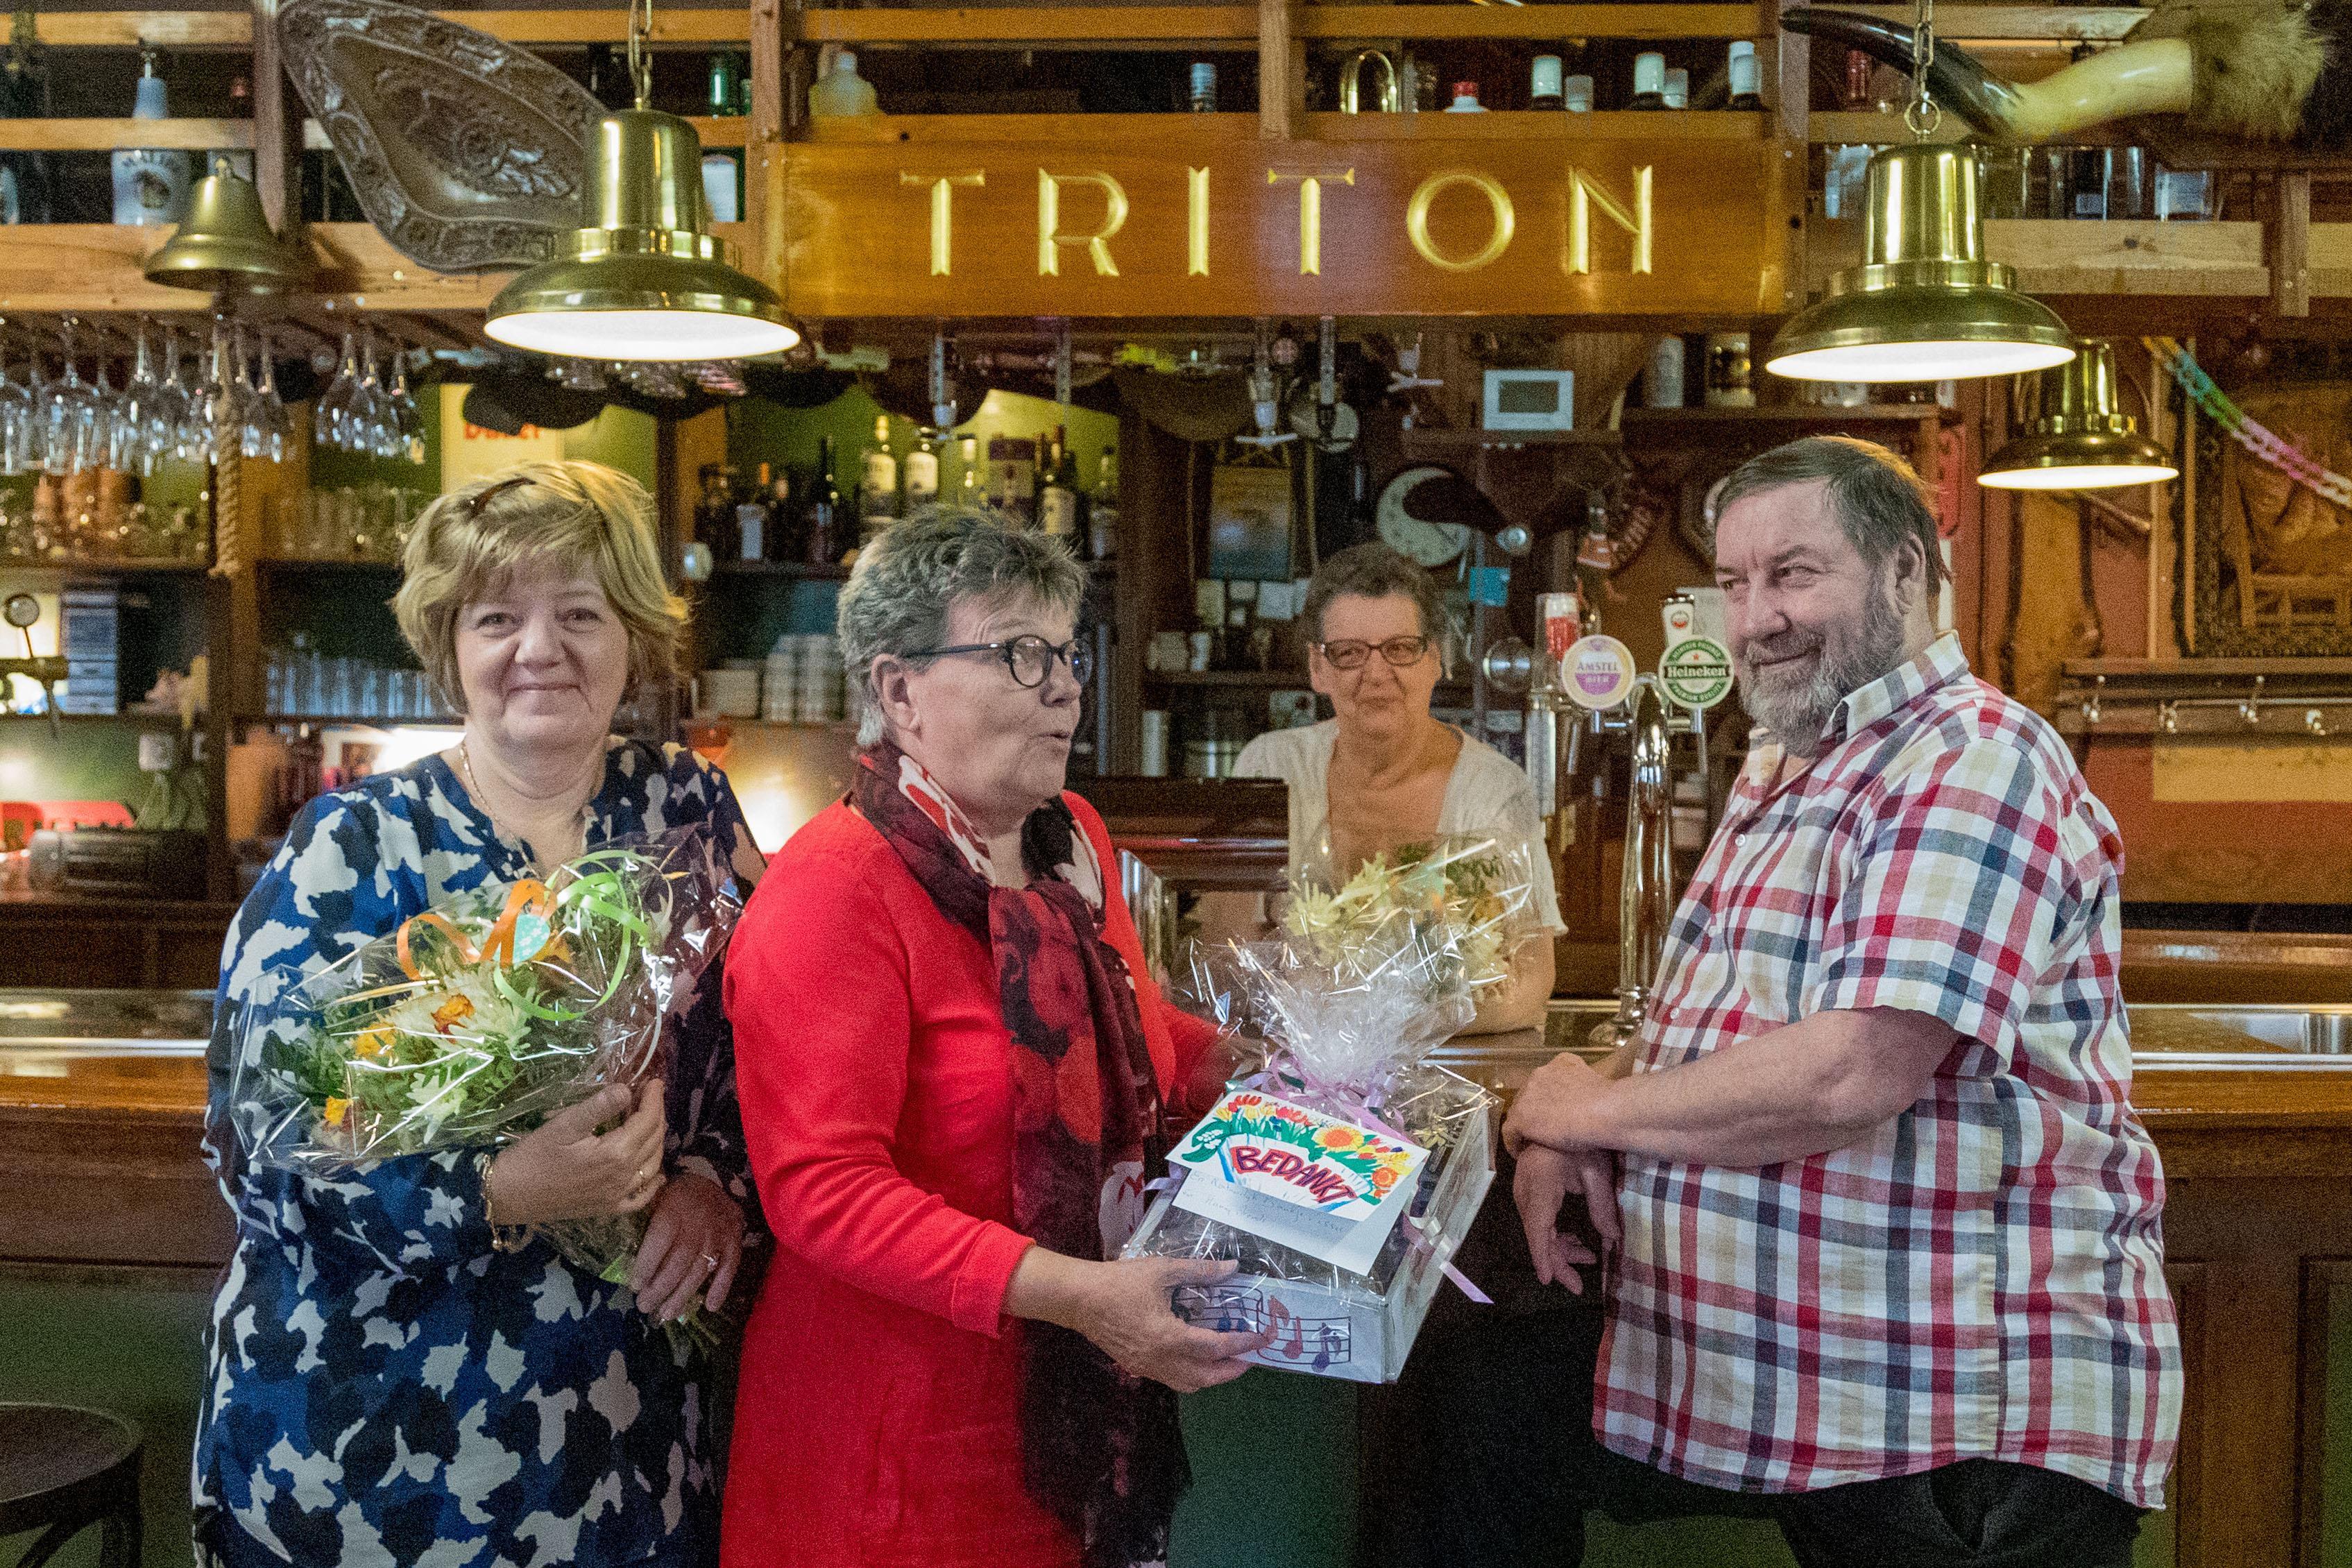 In de Tritonbar in Medemblik werden zulke lekkere gehaktballen geserveerd dat gasten van het sociaal restaurant er stiekem een paar mee naar huis namen. 'En altijd een soepie vooraf hè, dat hoorde erbij'